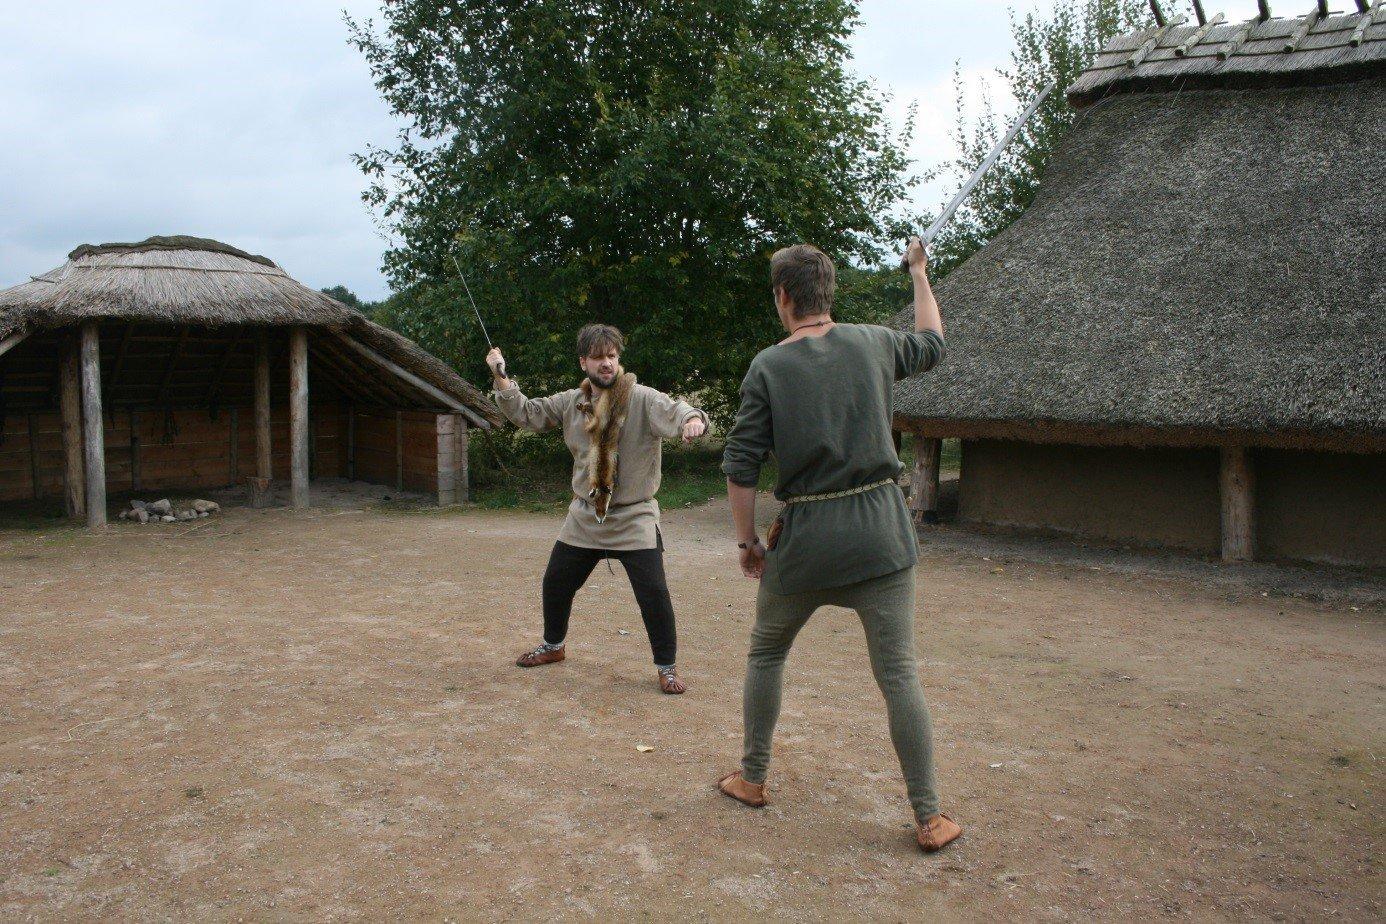 zwaardvechten9